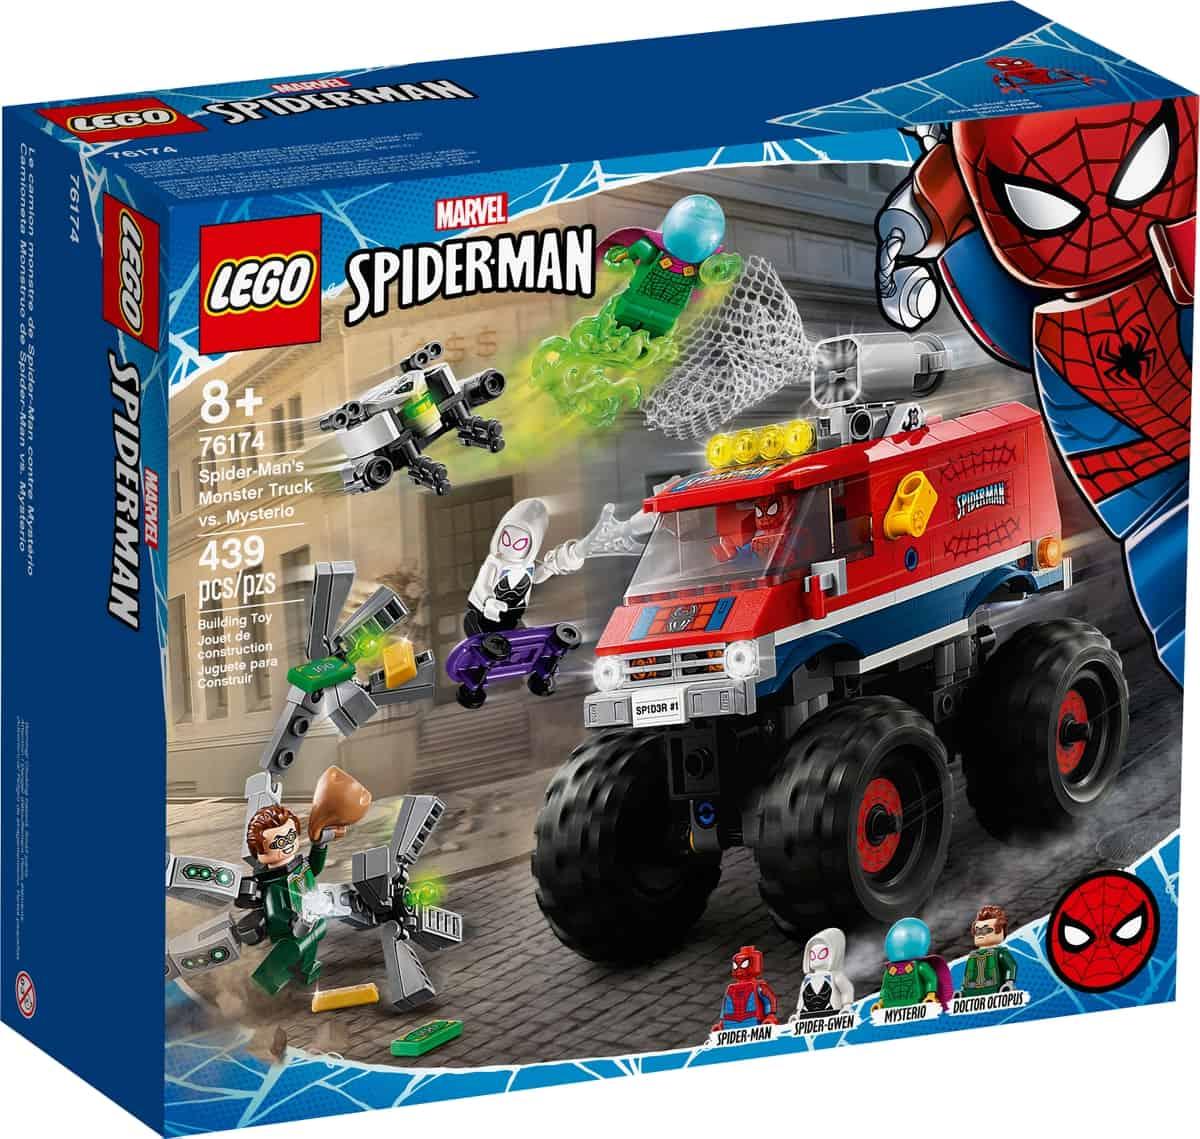 lego 76174 monster truck di spider man vs mysterio